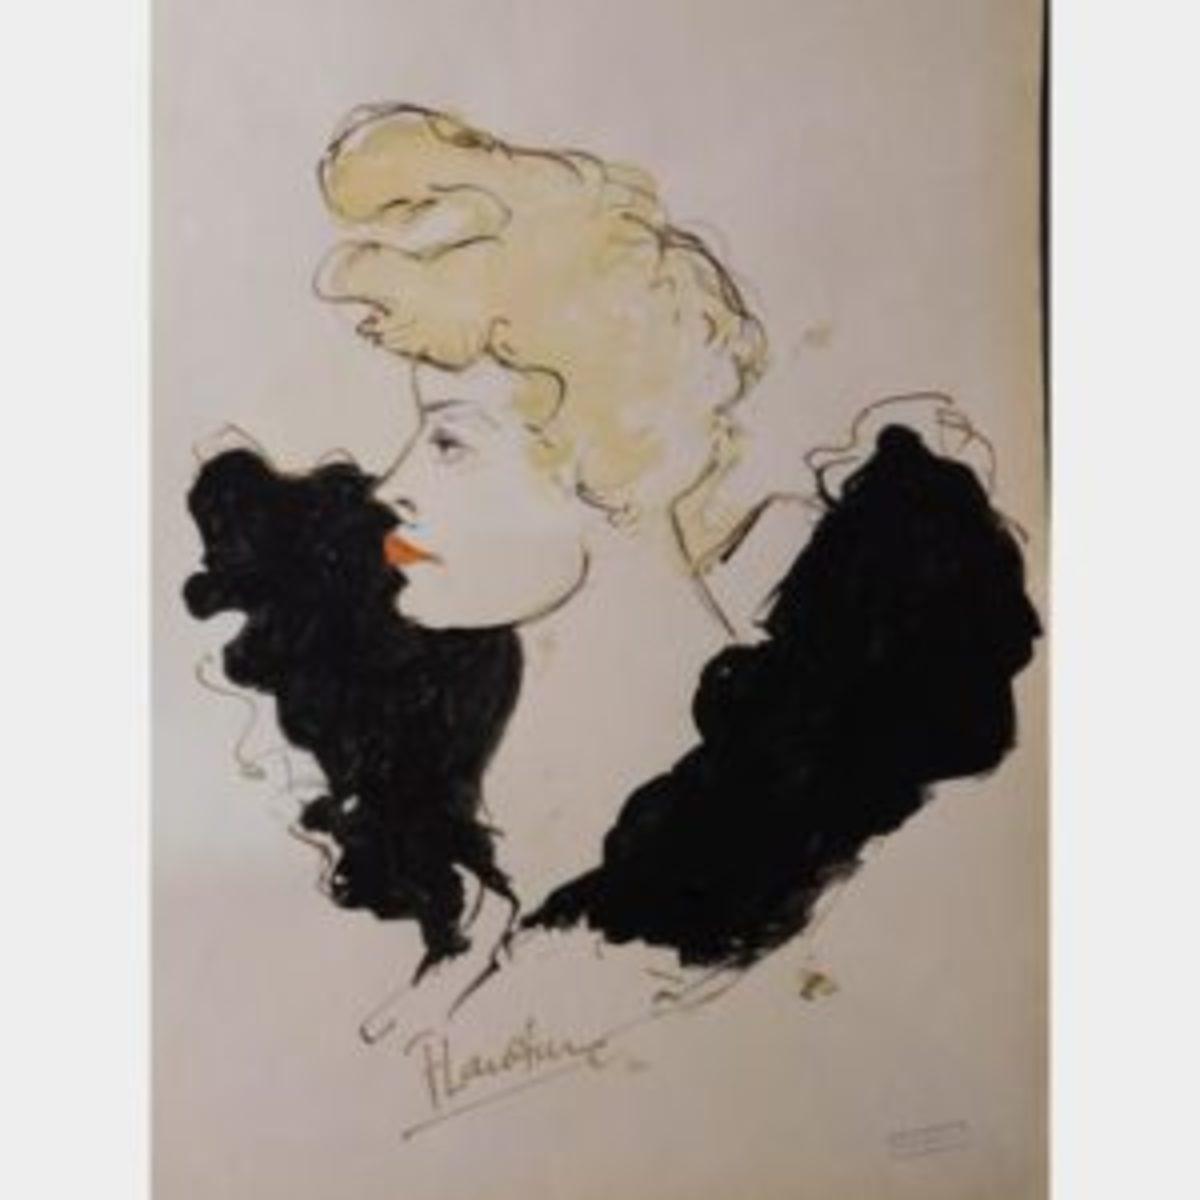 Cabaret portrait by Toulouse-Lautrec